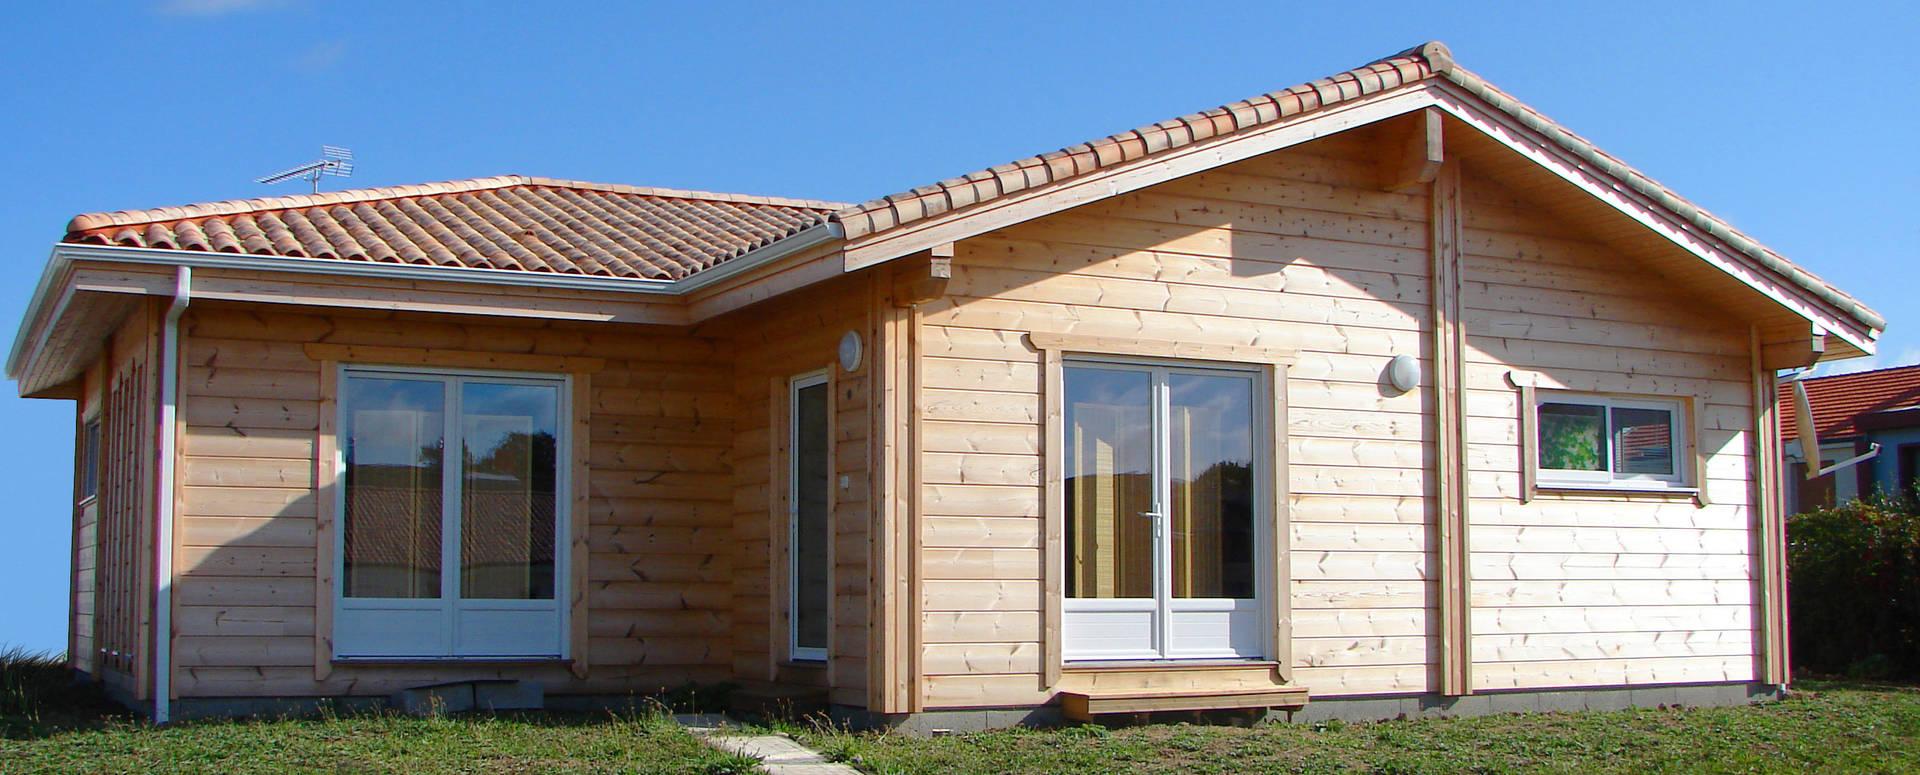 Cout maison bois 100m2 ventana blog for Cout maison 100m2